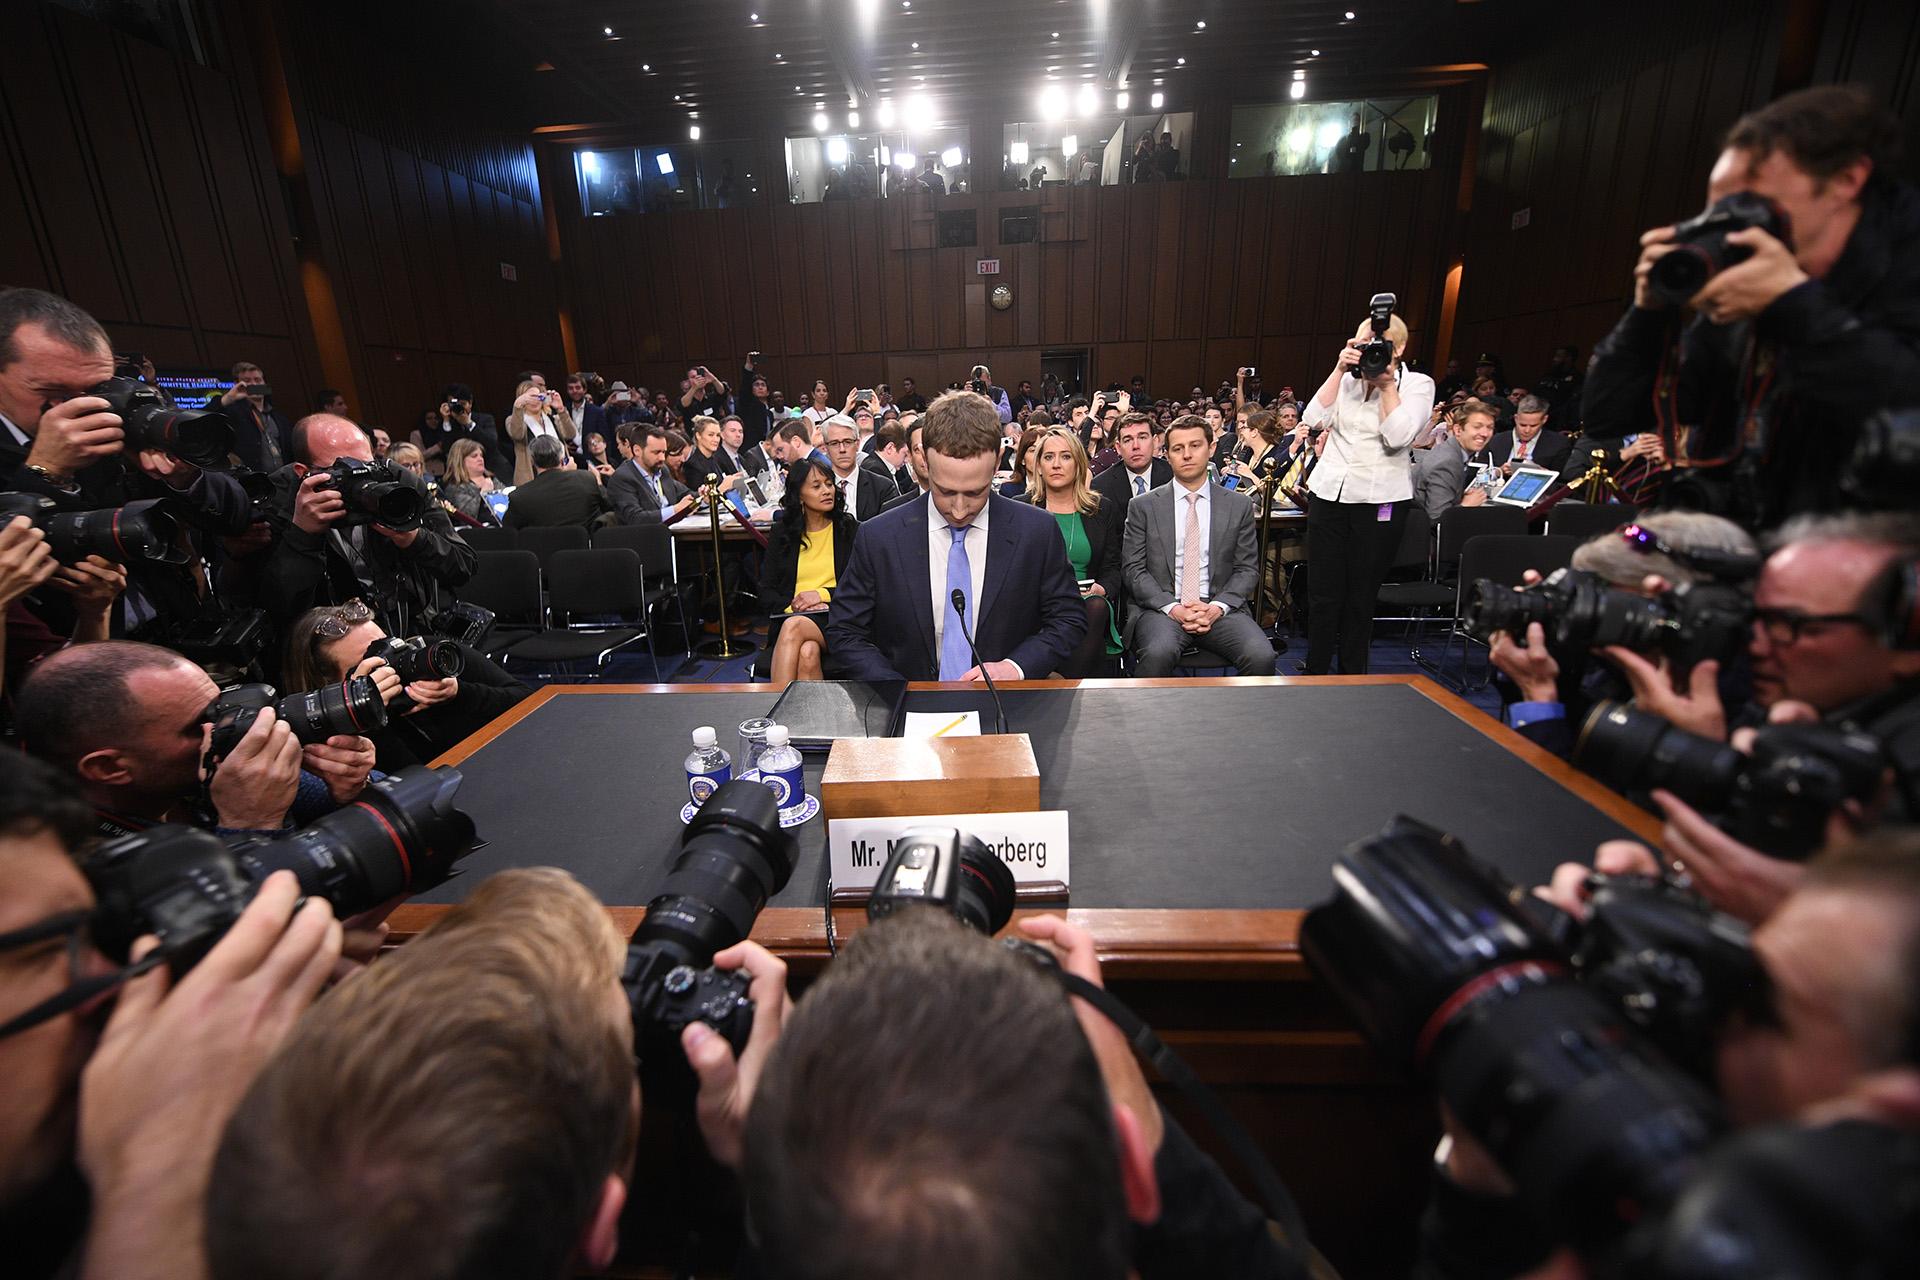 Mark Zuckerberg, CEO de Facebook, durante la audiencia a la que compareció ante el Comité de Comercio del Senado de los Estados Unidos el 10 de abril (JIM WATSON / AFP)